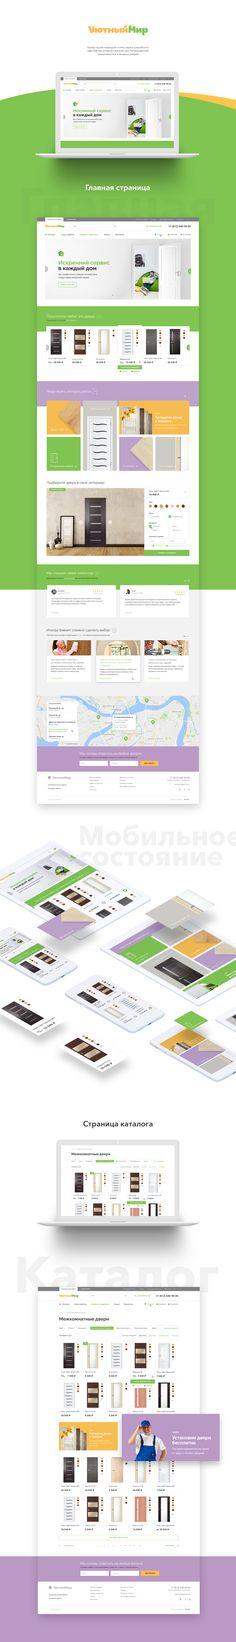 Уютный Мир. Интернет-магазин дверей. Выпилено с любовью., Сайт © ARTW